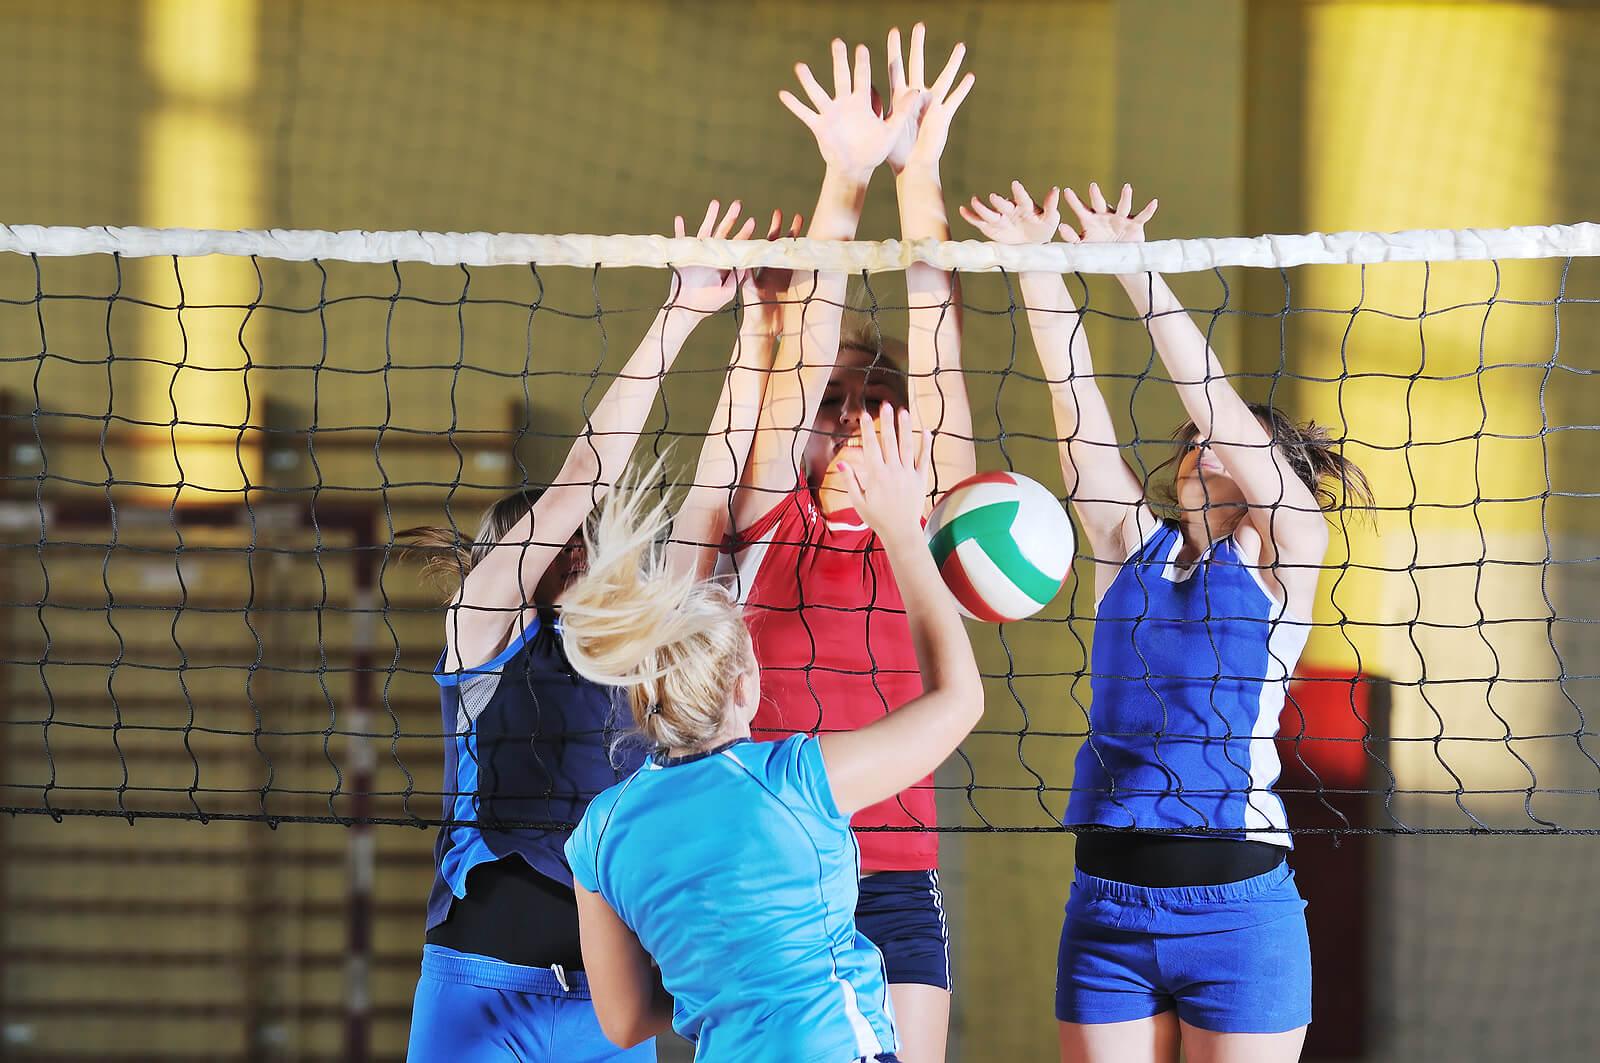 Chicas jugando al voleibol.